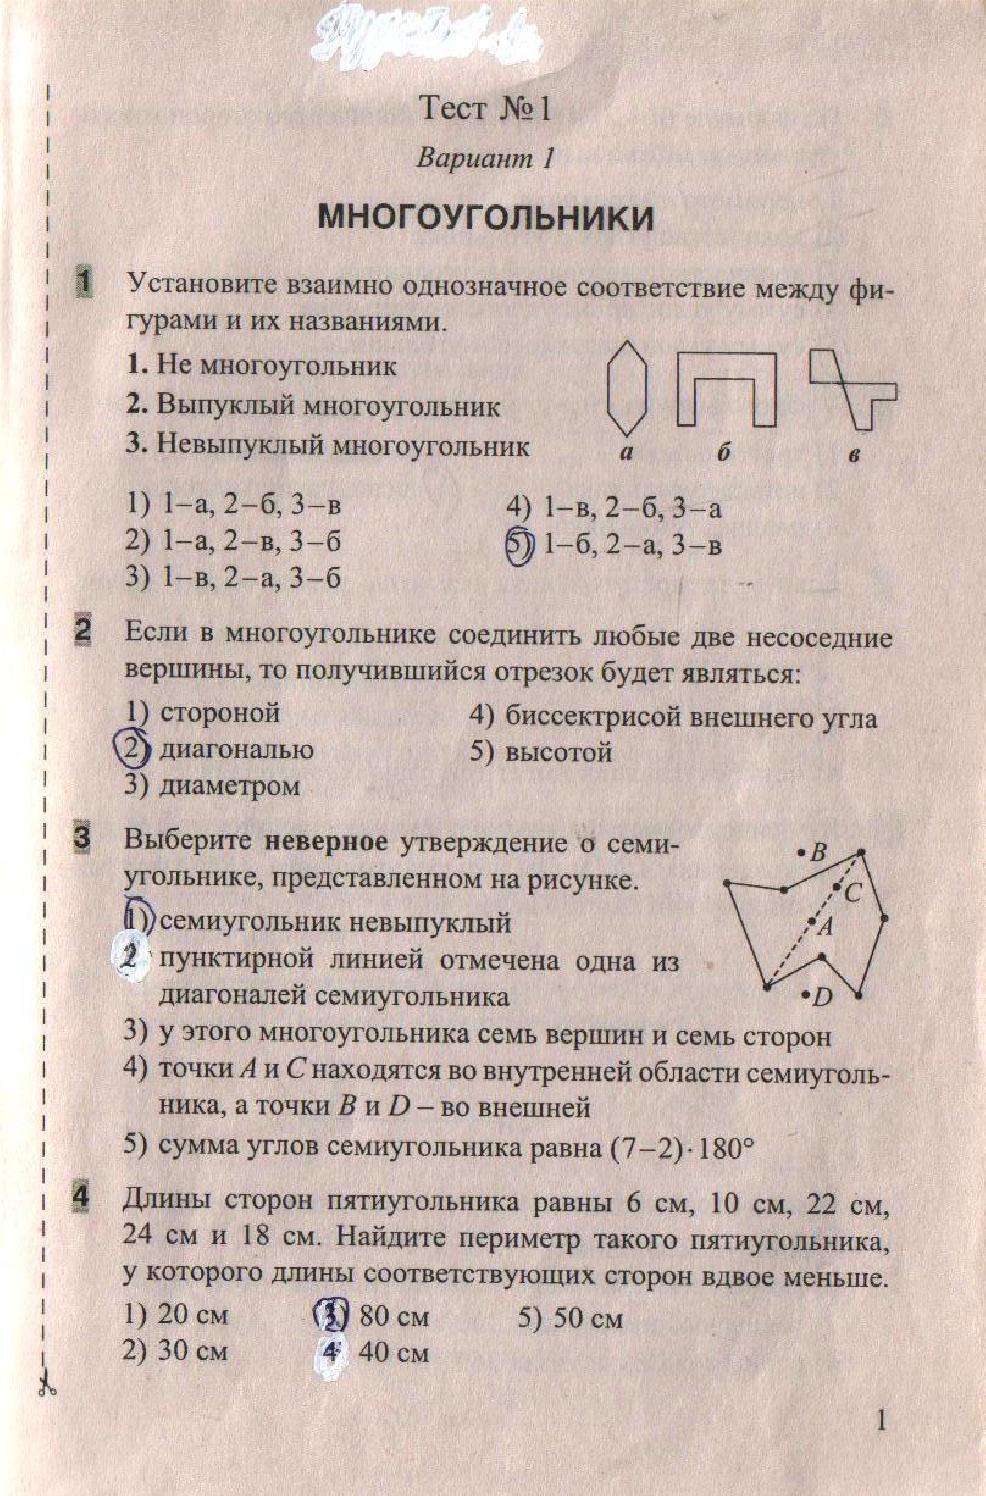 Геометрия тетрадки для тестов белицкая 8 класс скачать